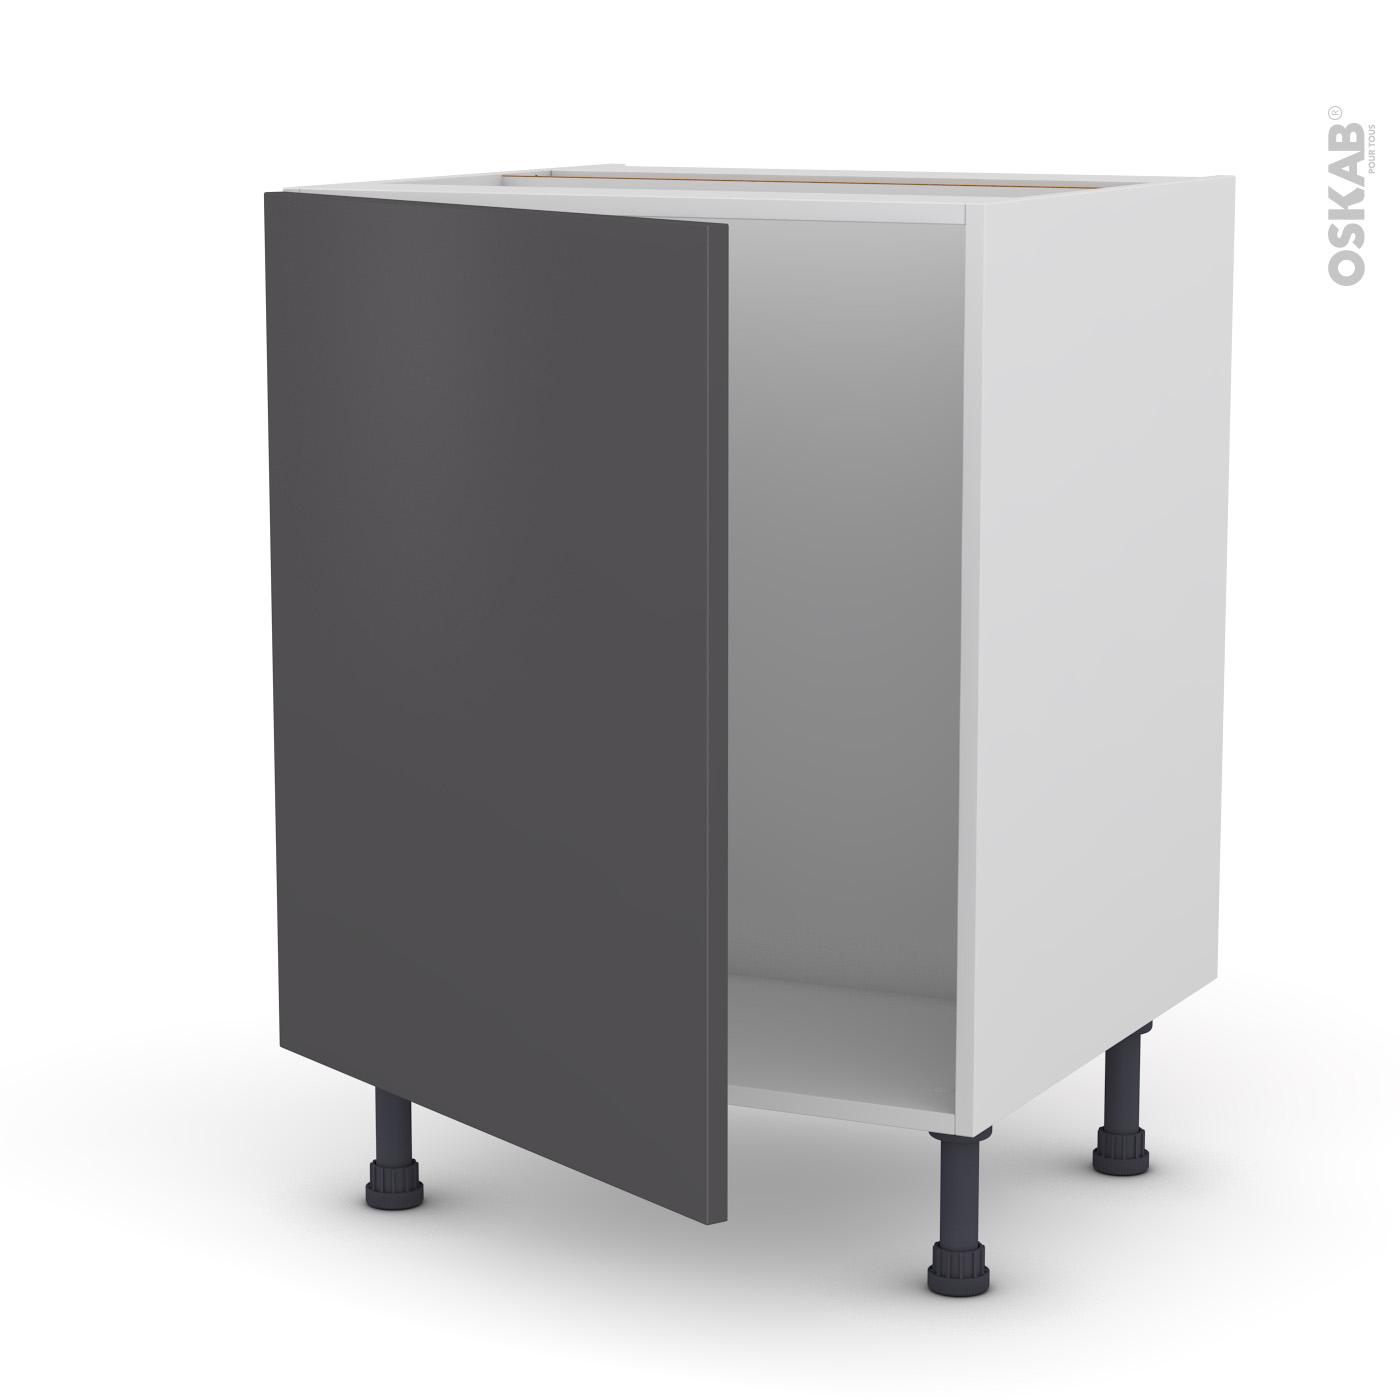 Meuble Sous Evier Ancien meuble de cuisine sous évier ginko gris, 1 porte, l60 x h70 x p58 cm